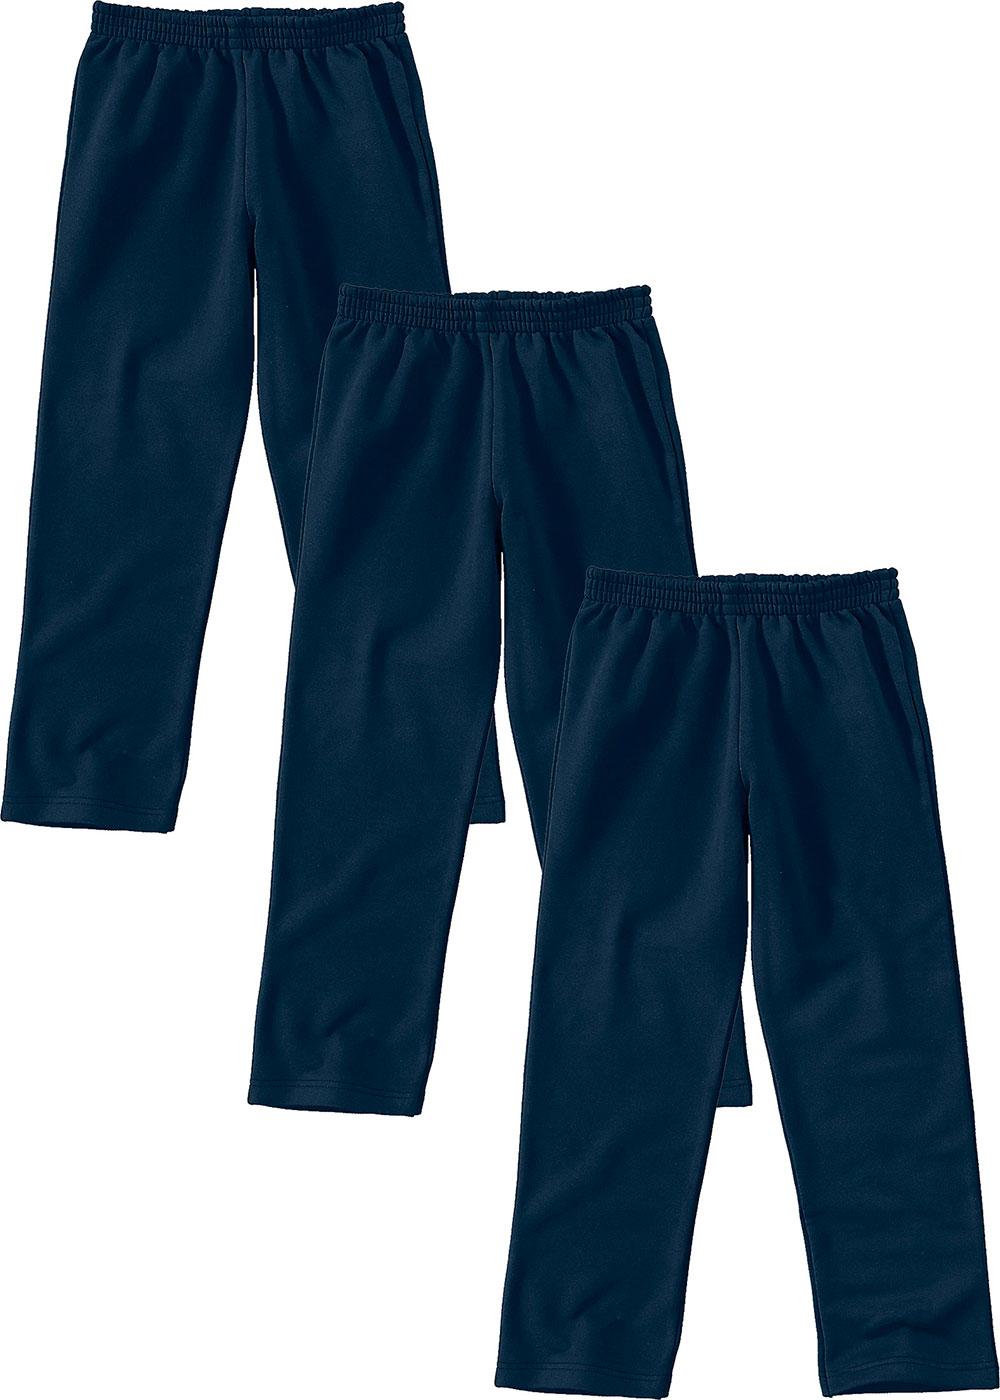 Calça De Moletom Infantil Azul Malwee